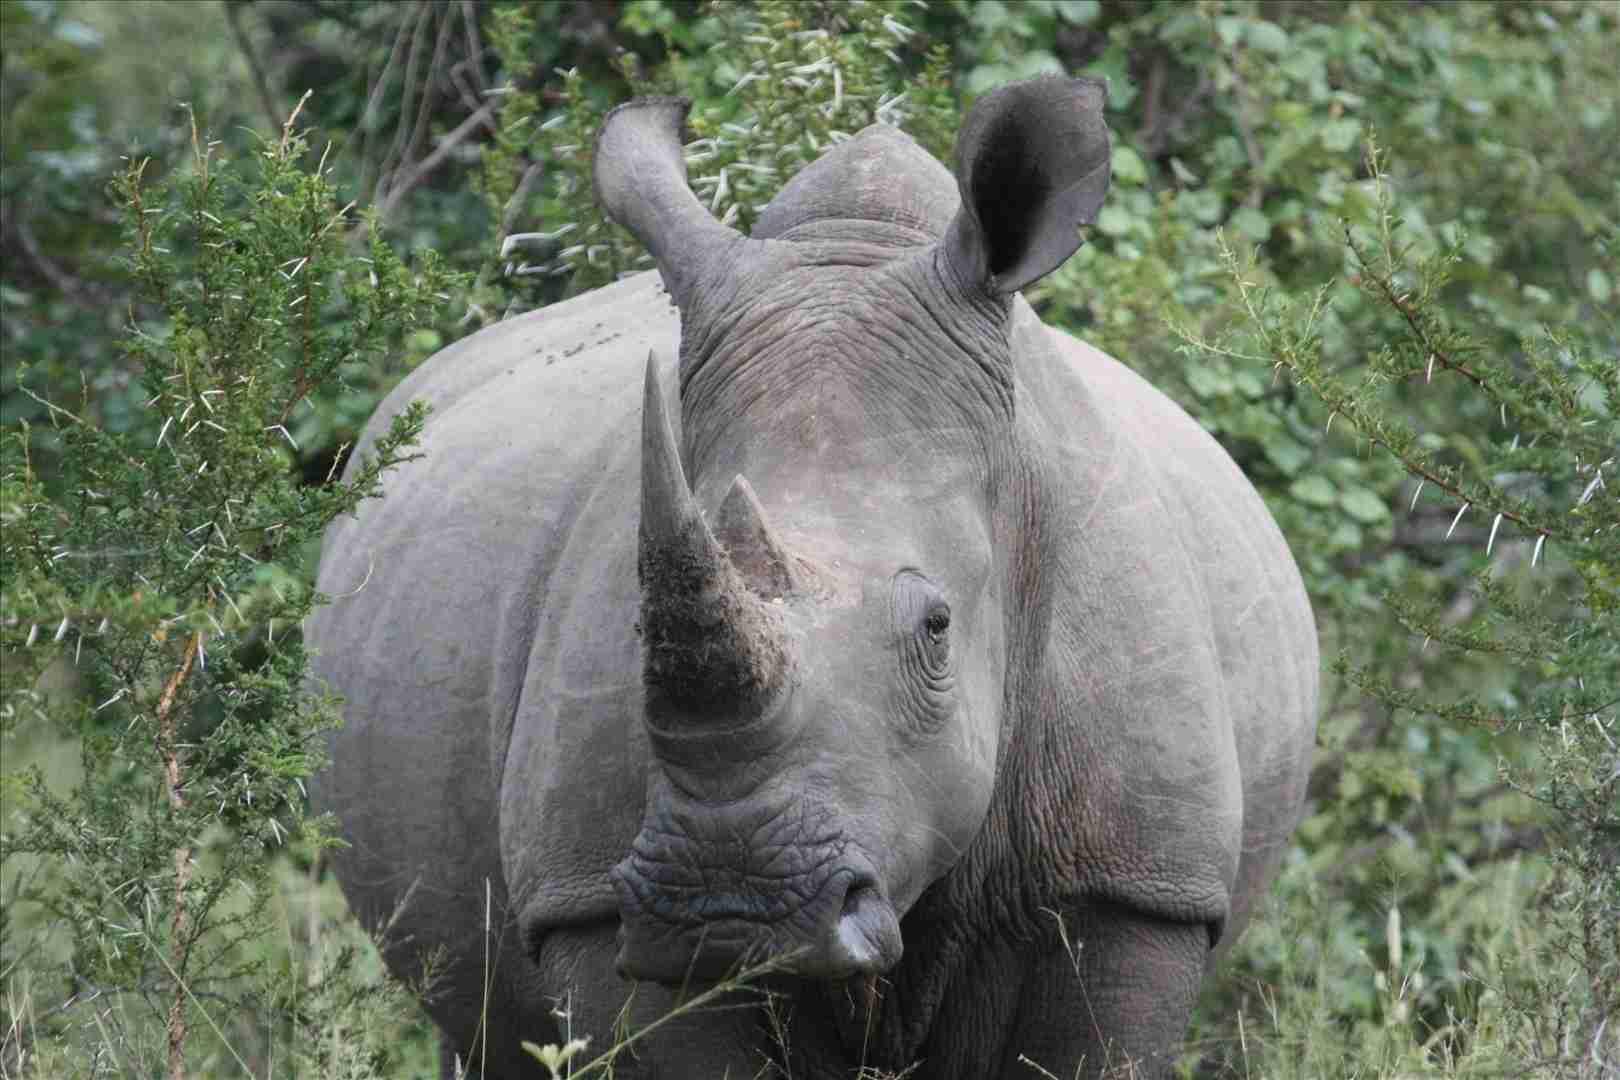 Rinoceronte de Java es uno de las especies animales en peligro de extinción